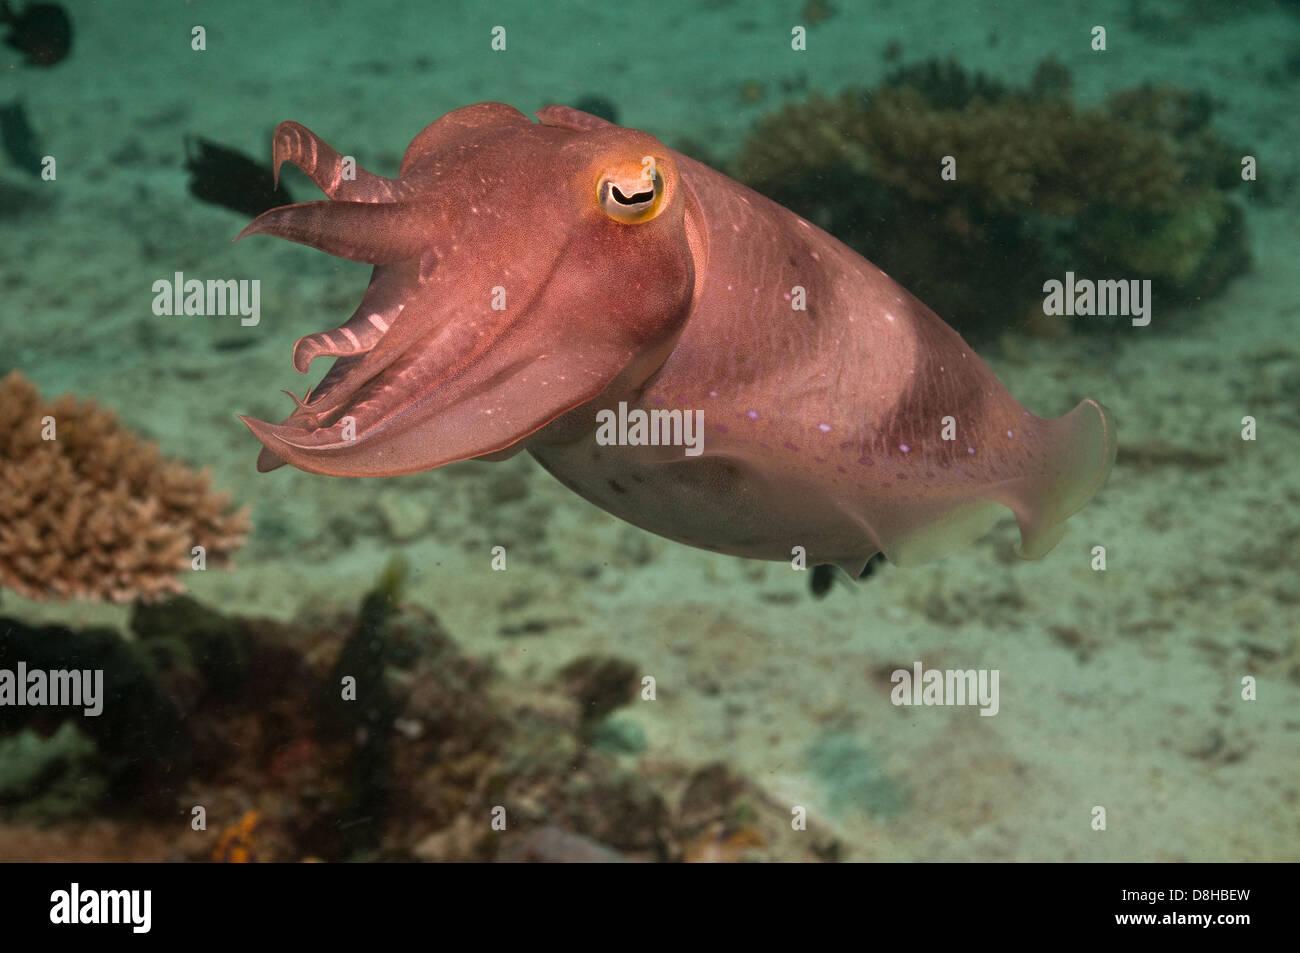 Tintenfisch Stockbild